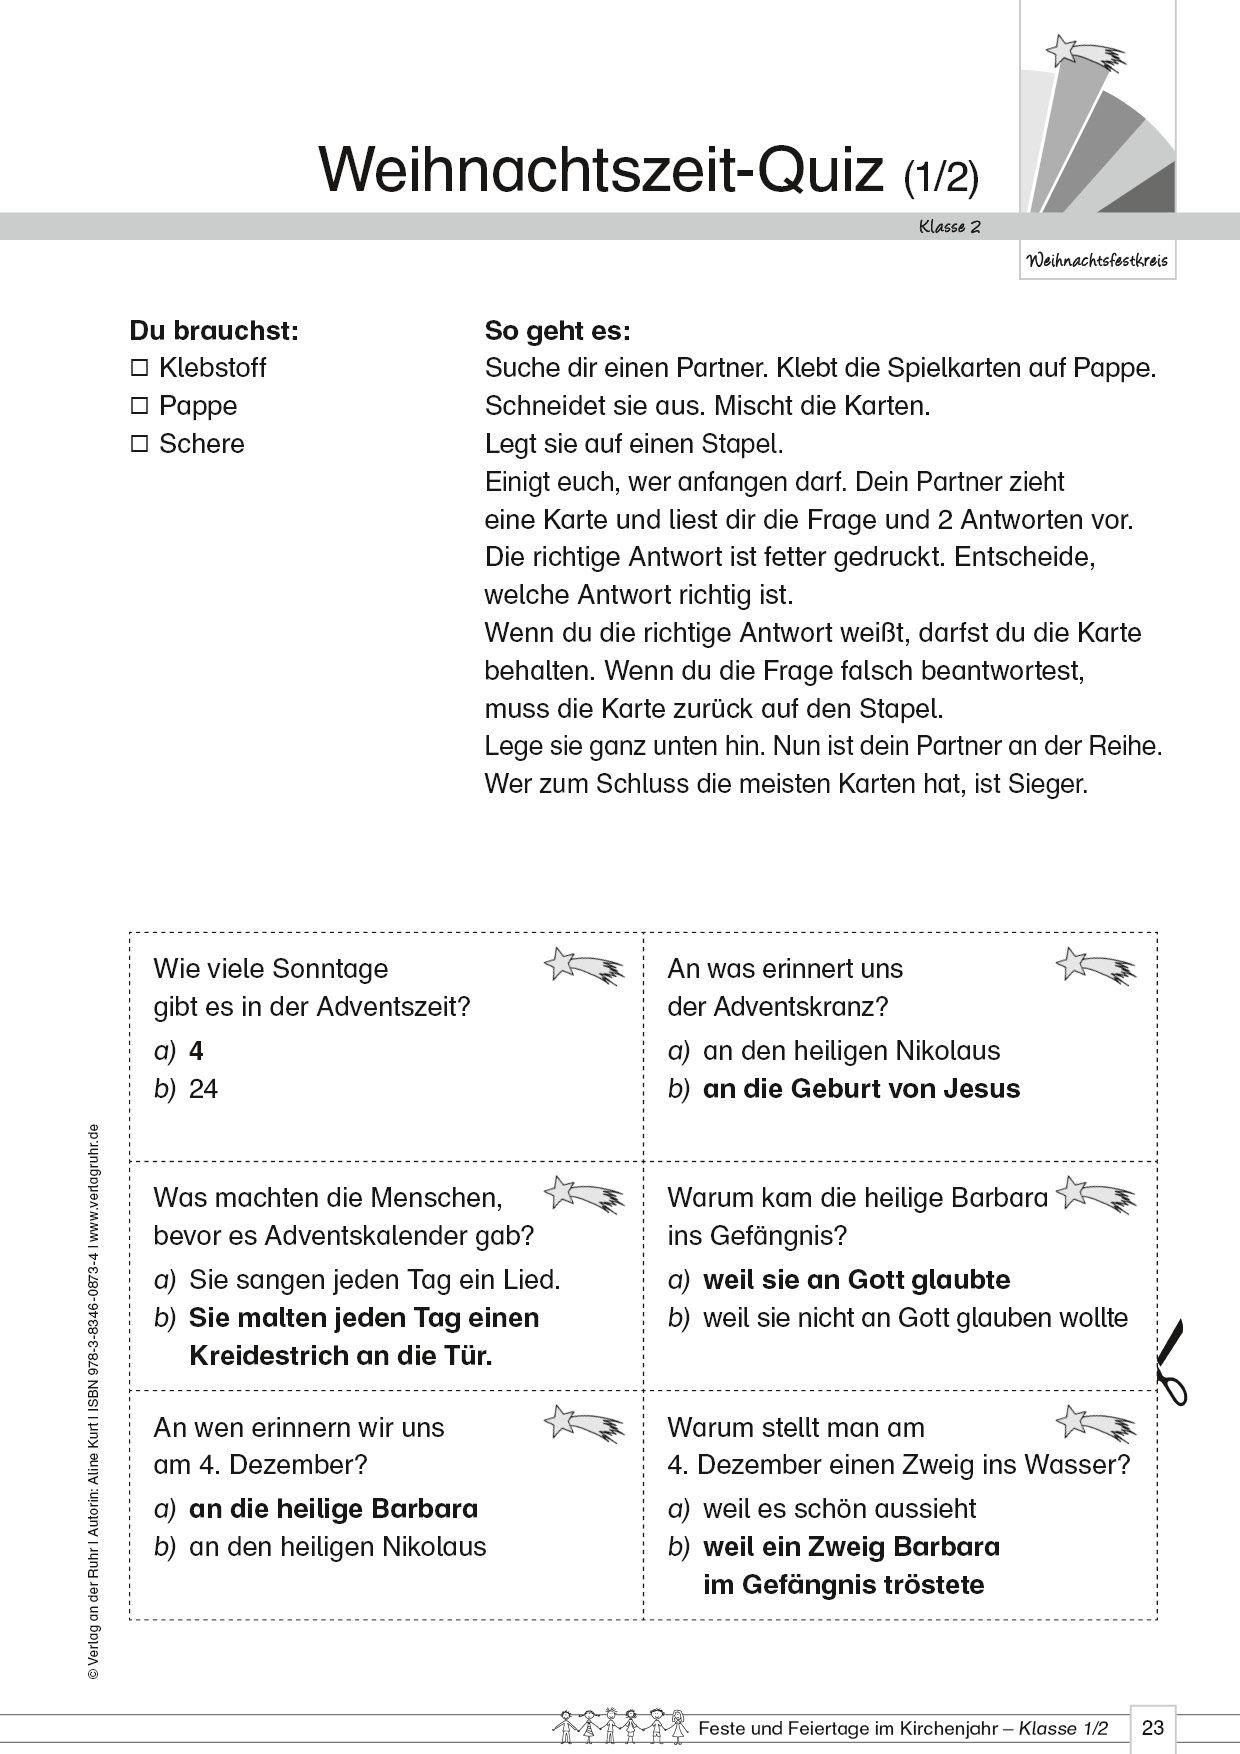 Pin by Verlag an der Ruhr on Winter & Weihnachten | Pinterest